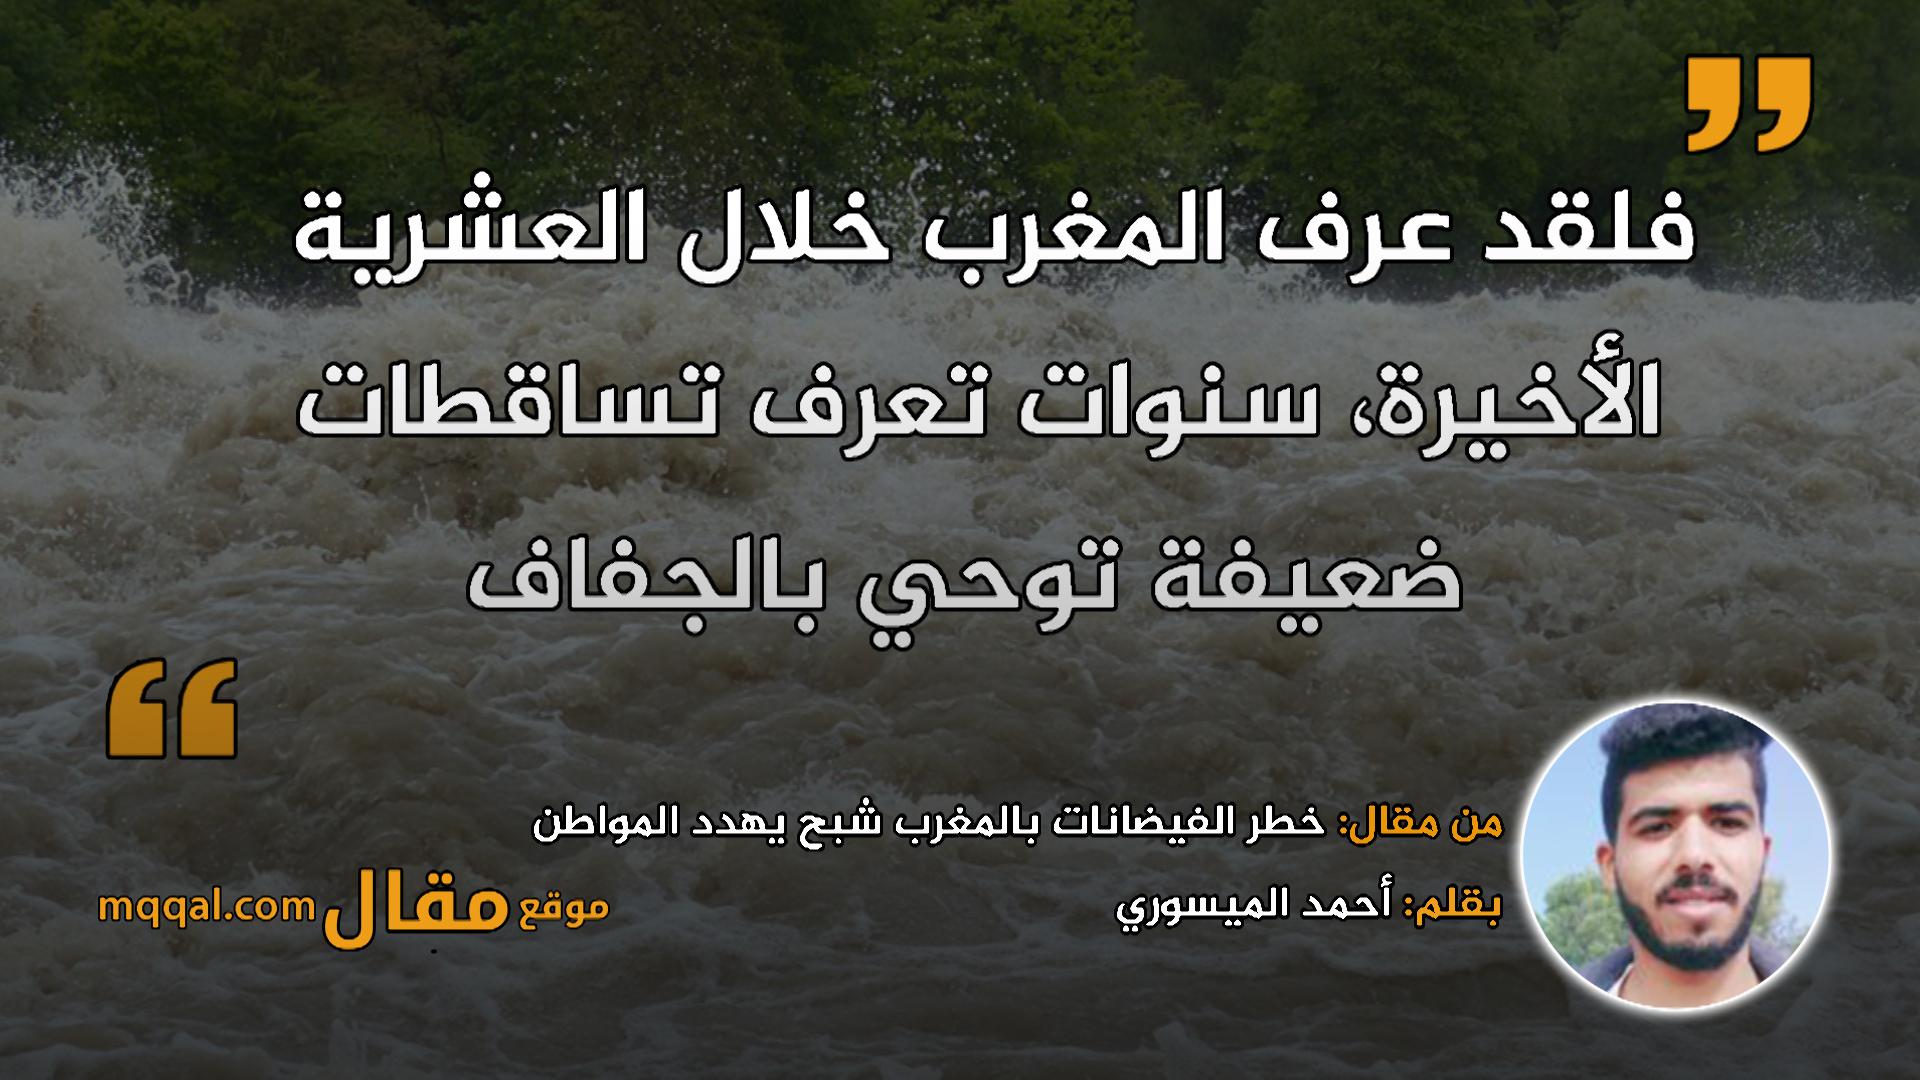 خطر الفيضانات بالمغرب شبح يهدد المواطن|| بقلم: أحمد الميسوري|| موقع مقال